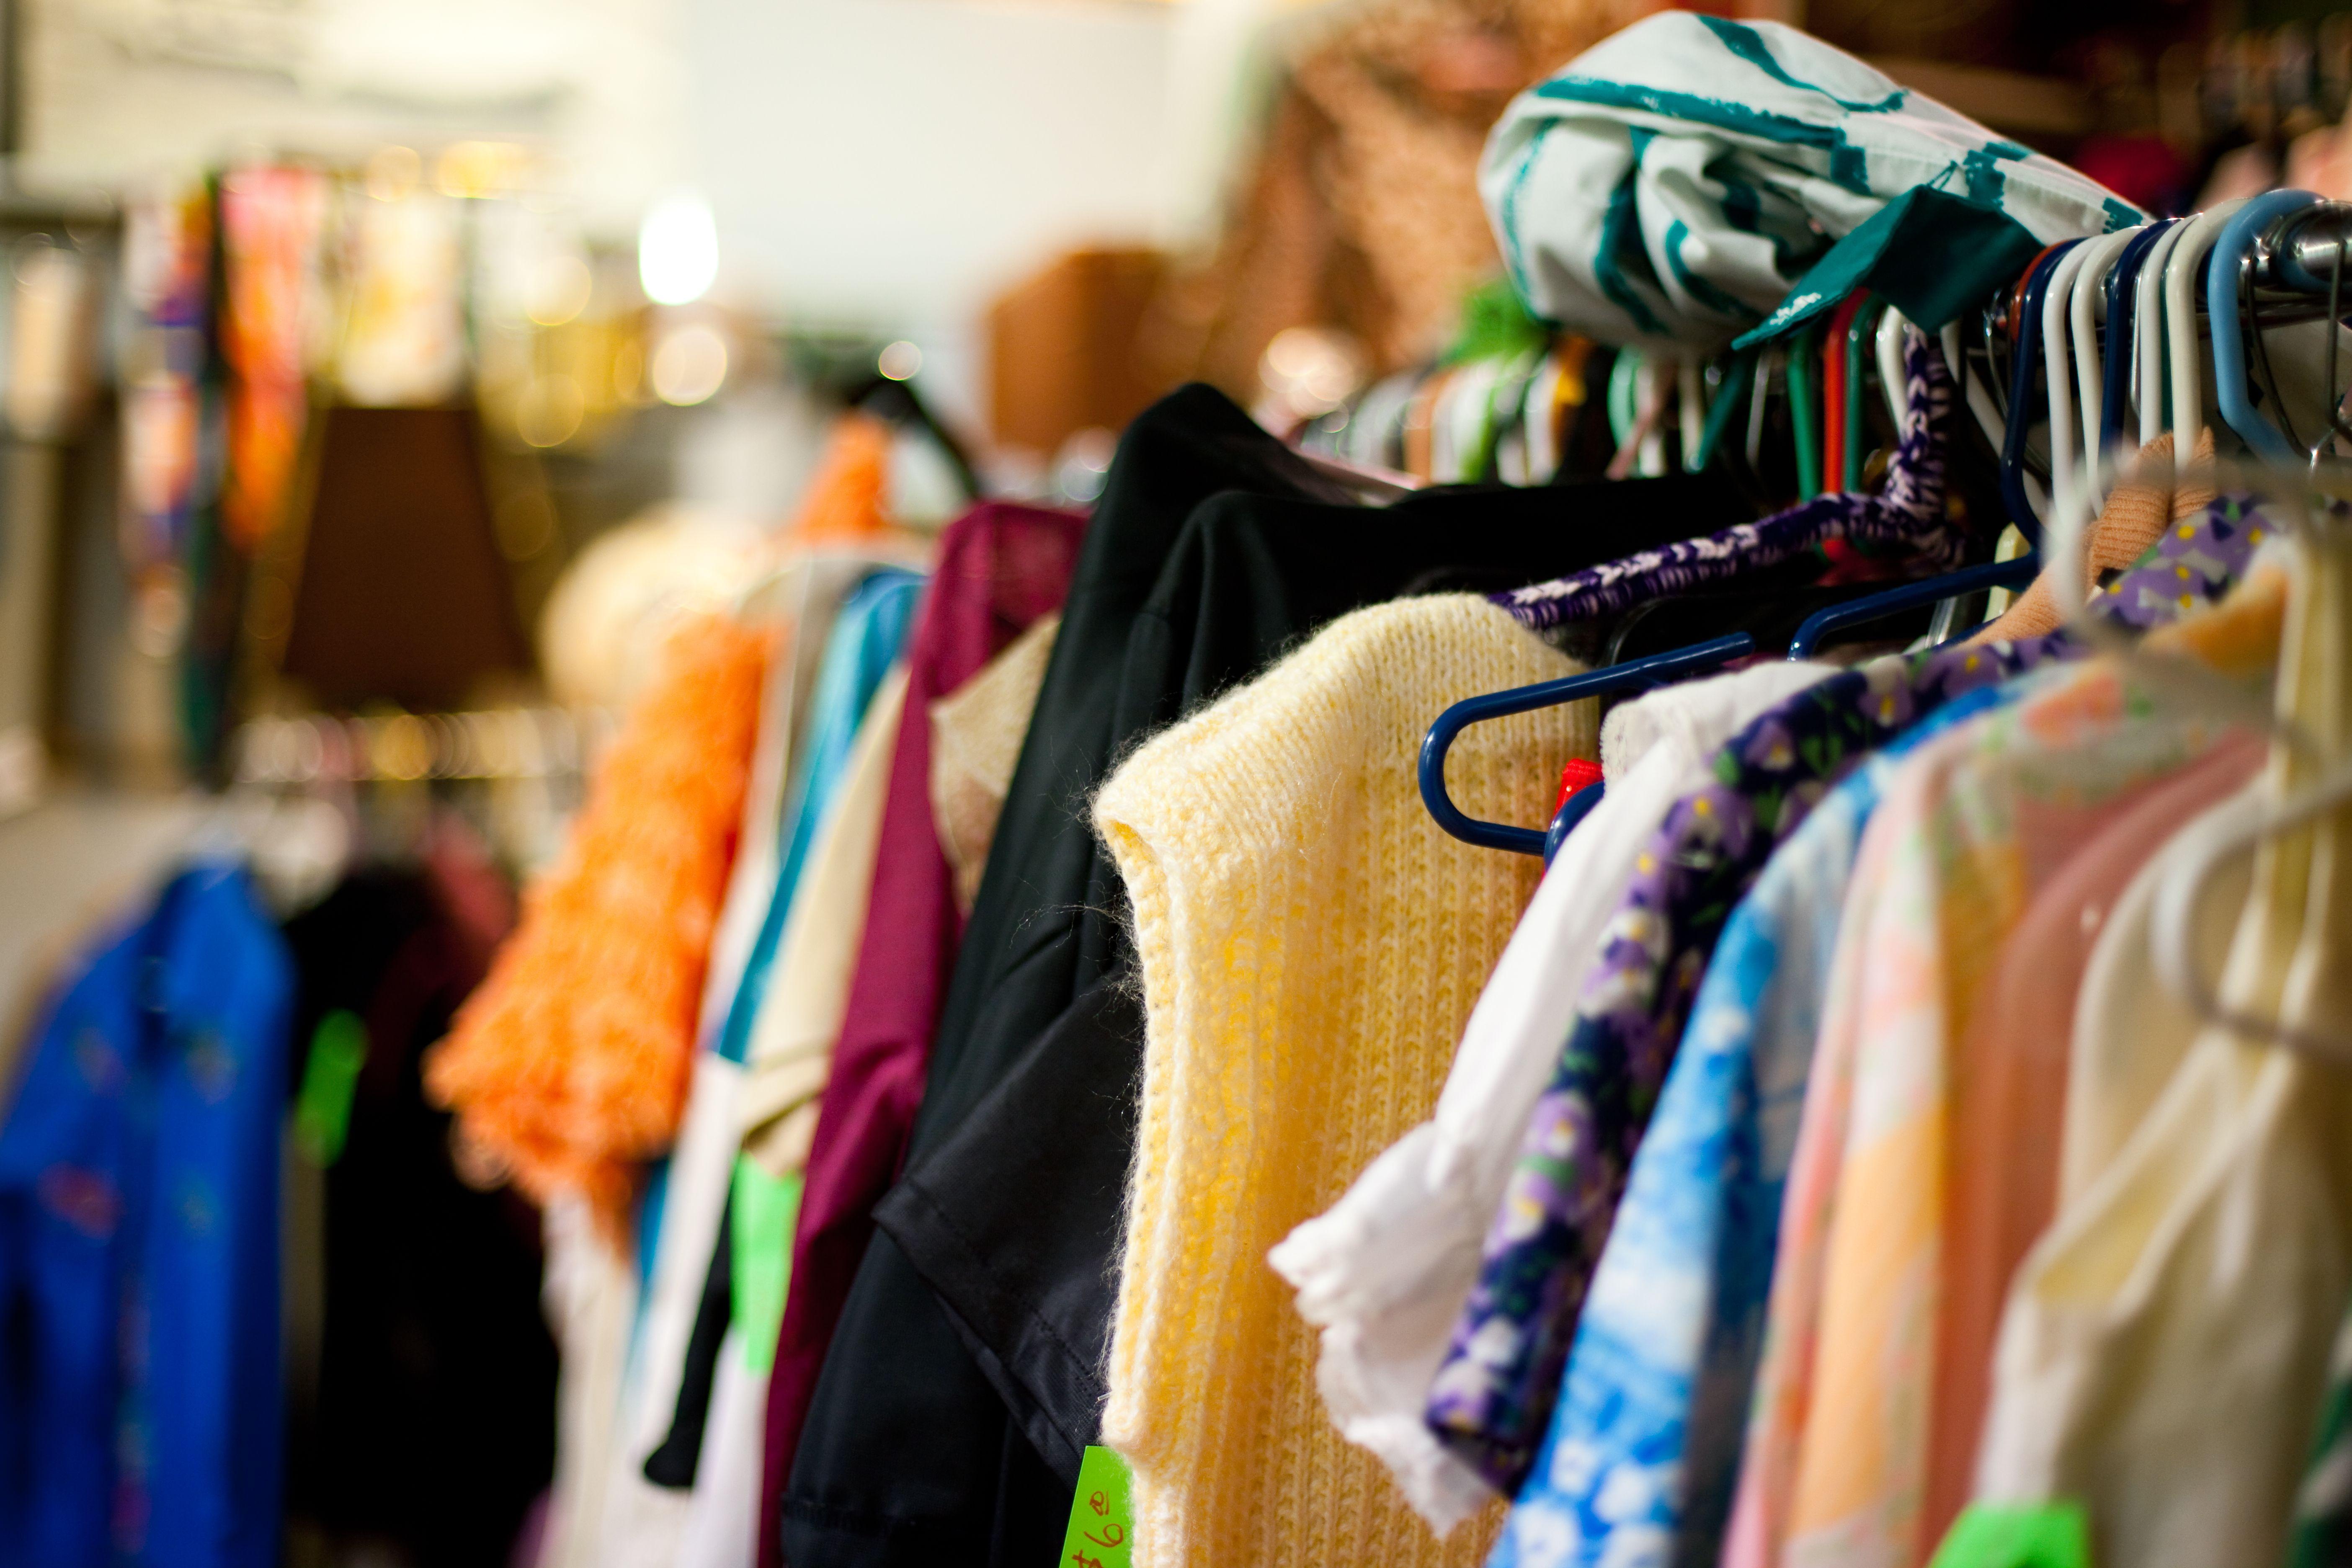 Compra de stocks de ropa: Productos de CBH